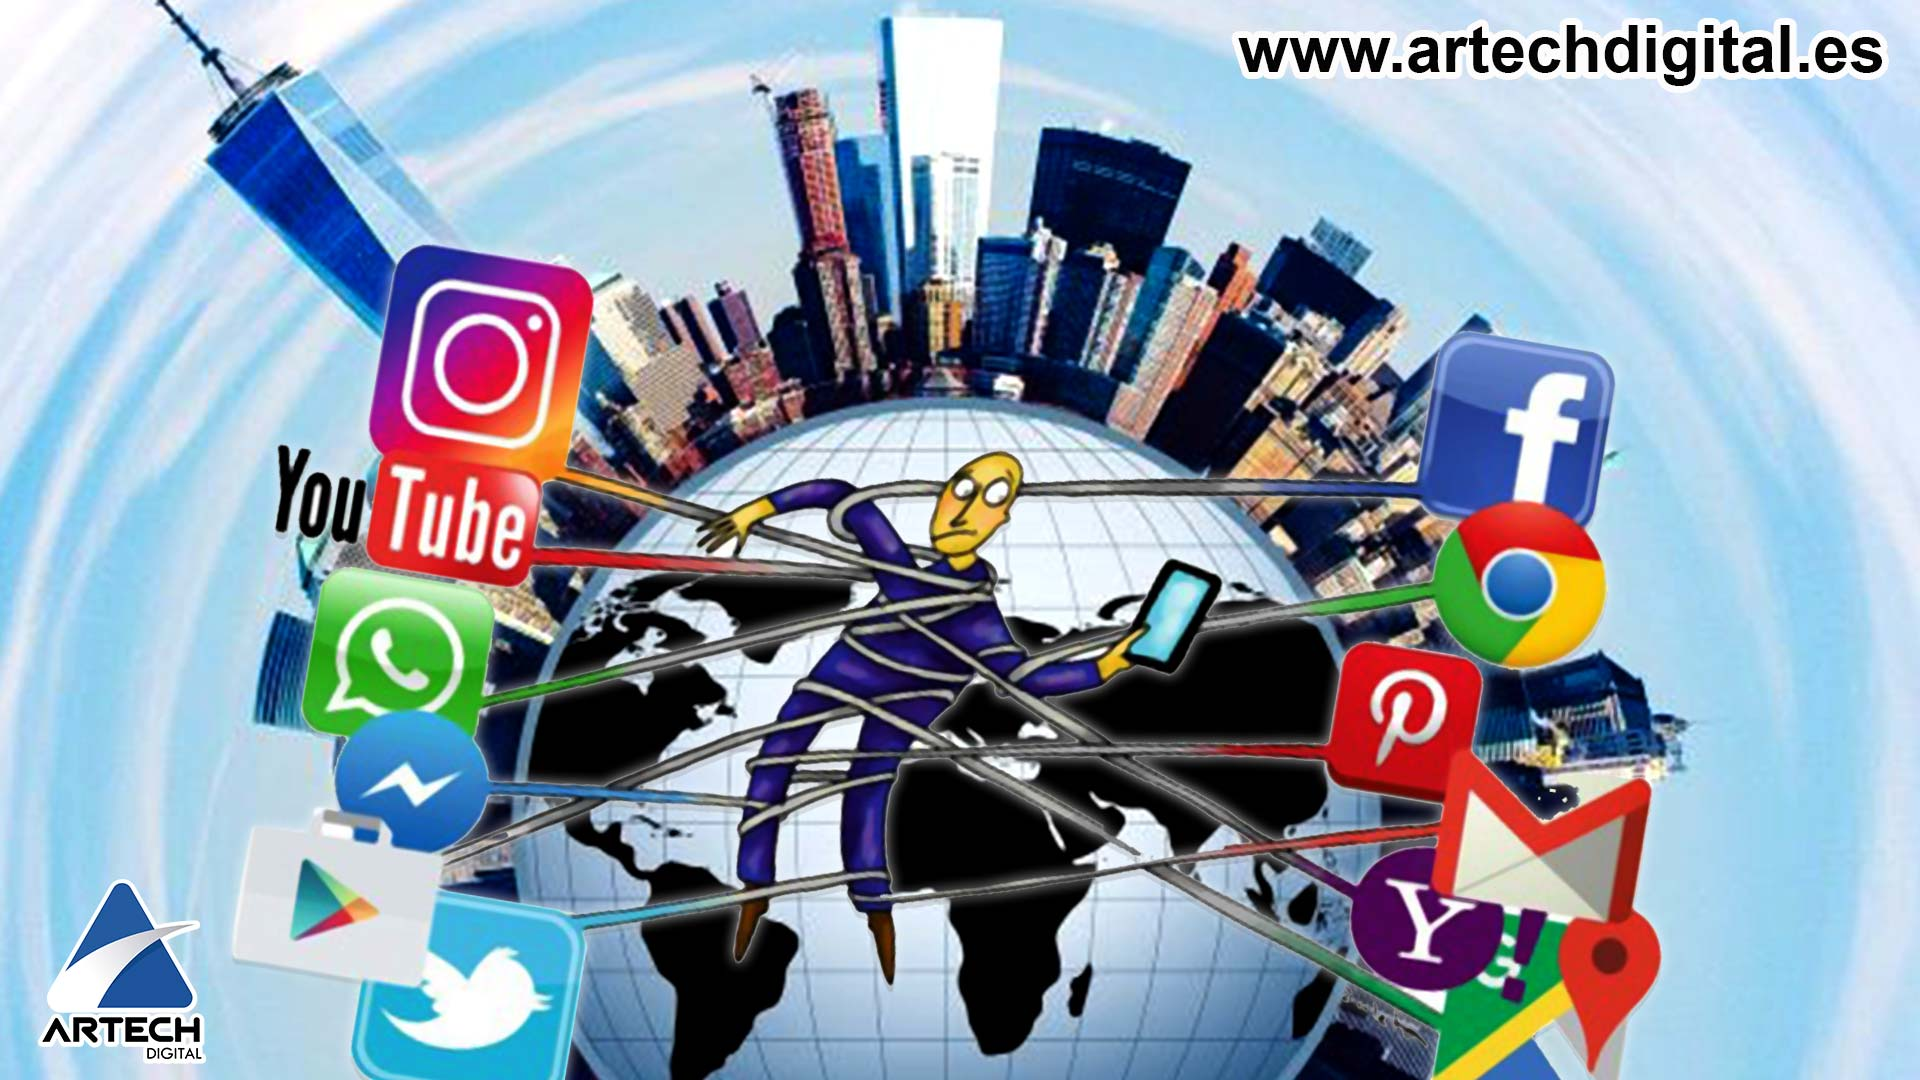 estrategias de redes sociales - Artech Digital